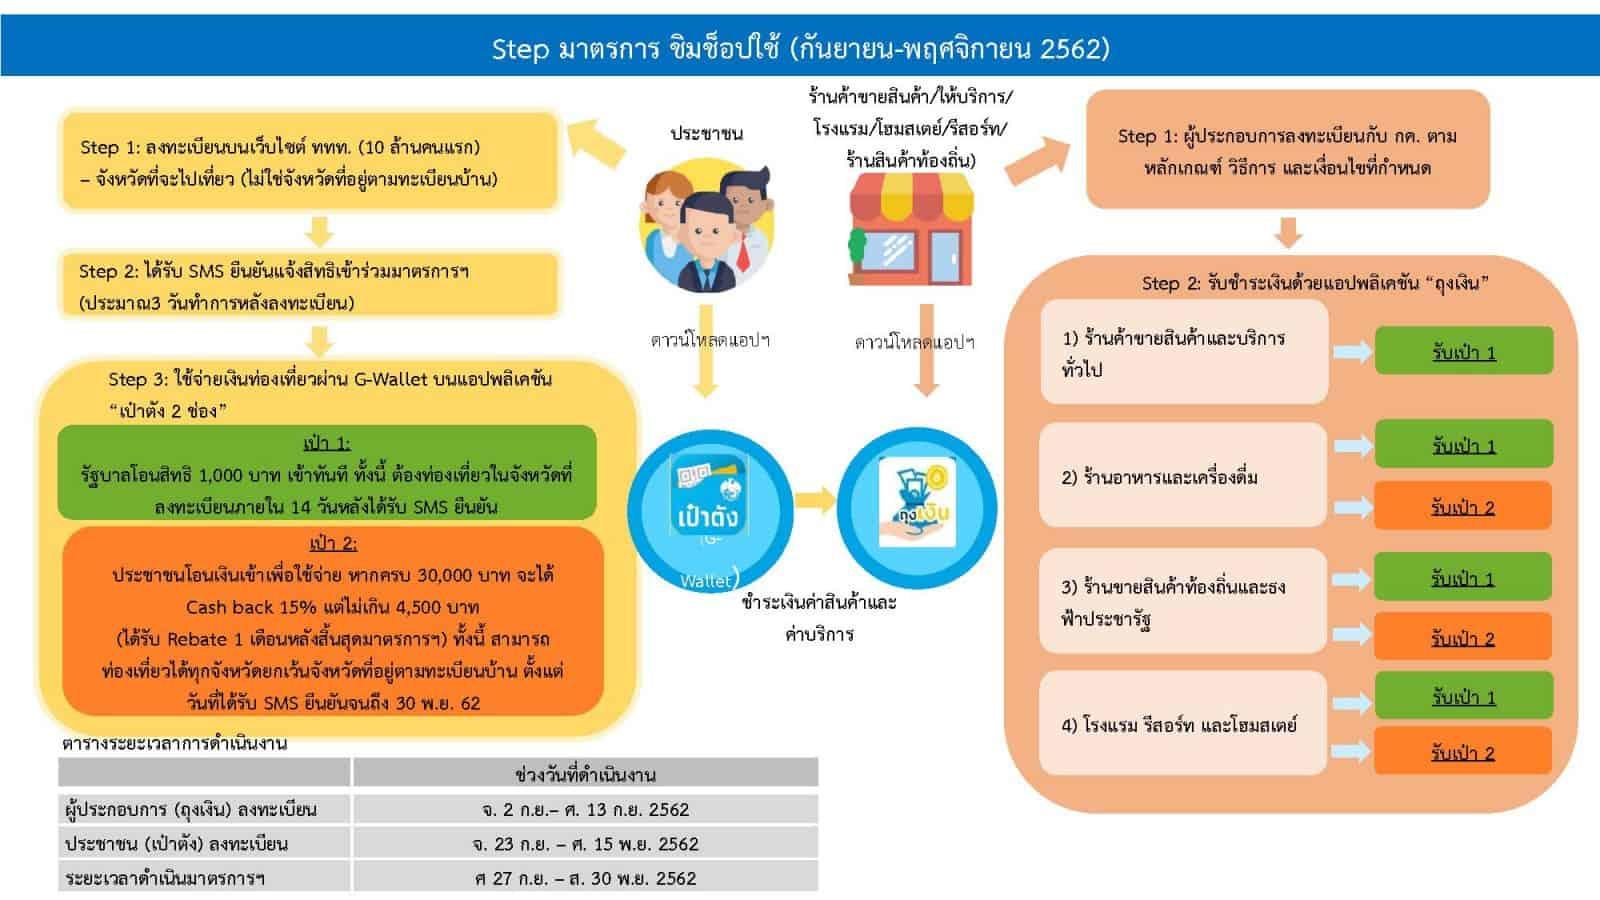 """[วิธีลงทะเบียน] รับเงิน 1000 บาท เที่ยวทั่วไทย """"ชิม ช็อป ใช้"""" แถมรับเงินคืน (Cash Back) 15%"""